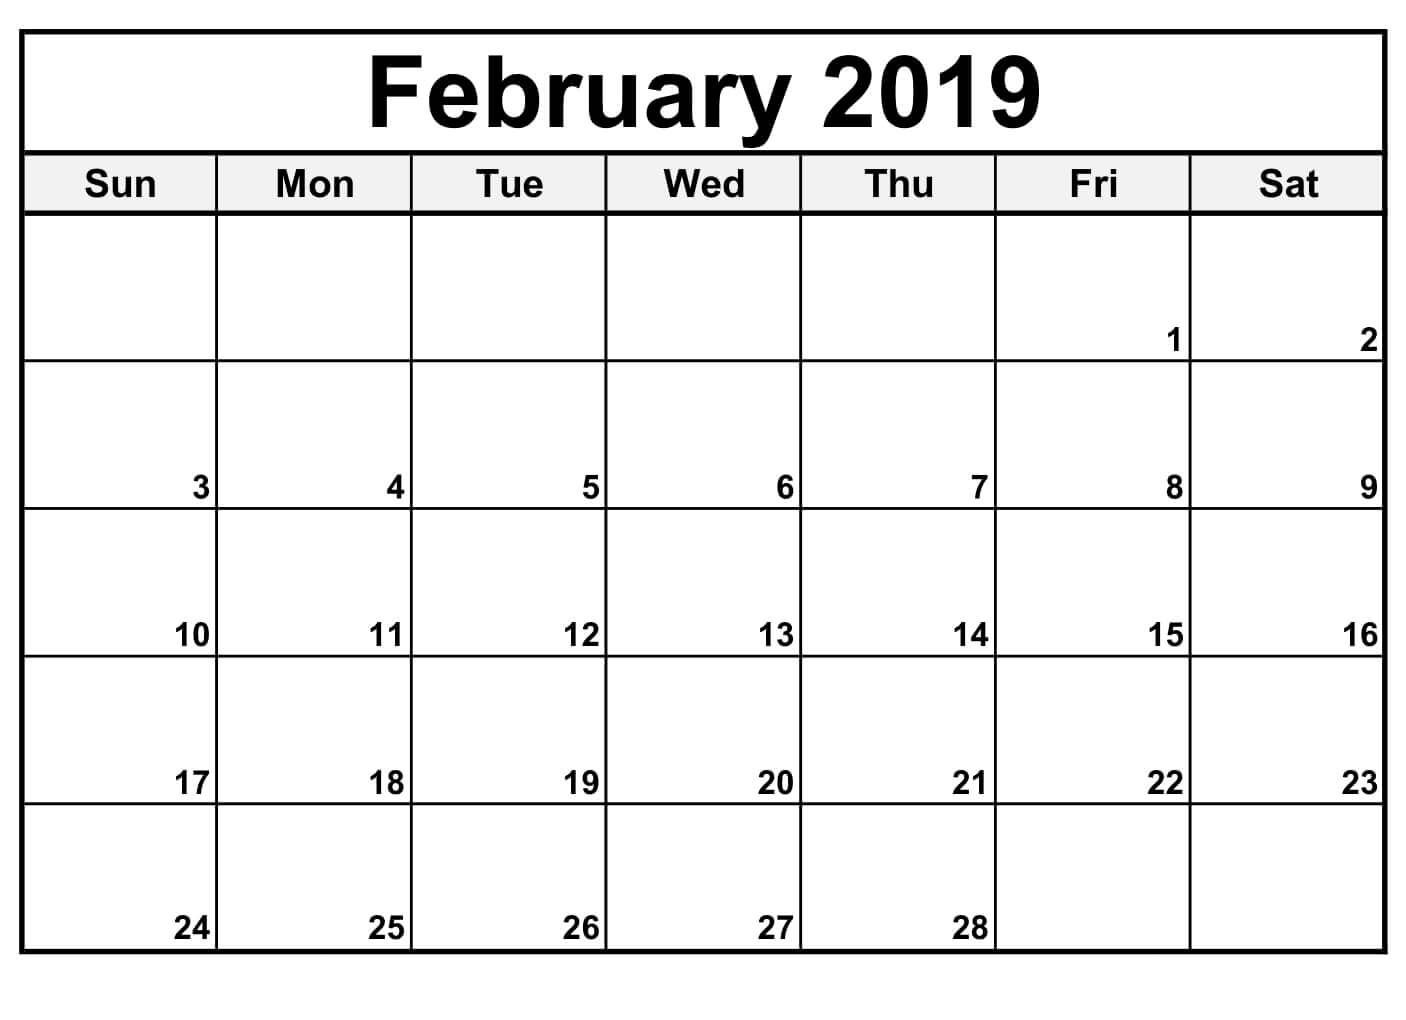 February 2019 Calendar Editable Printable Blank Calendar Blank Calendar Template Monthly Calendar Template